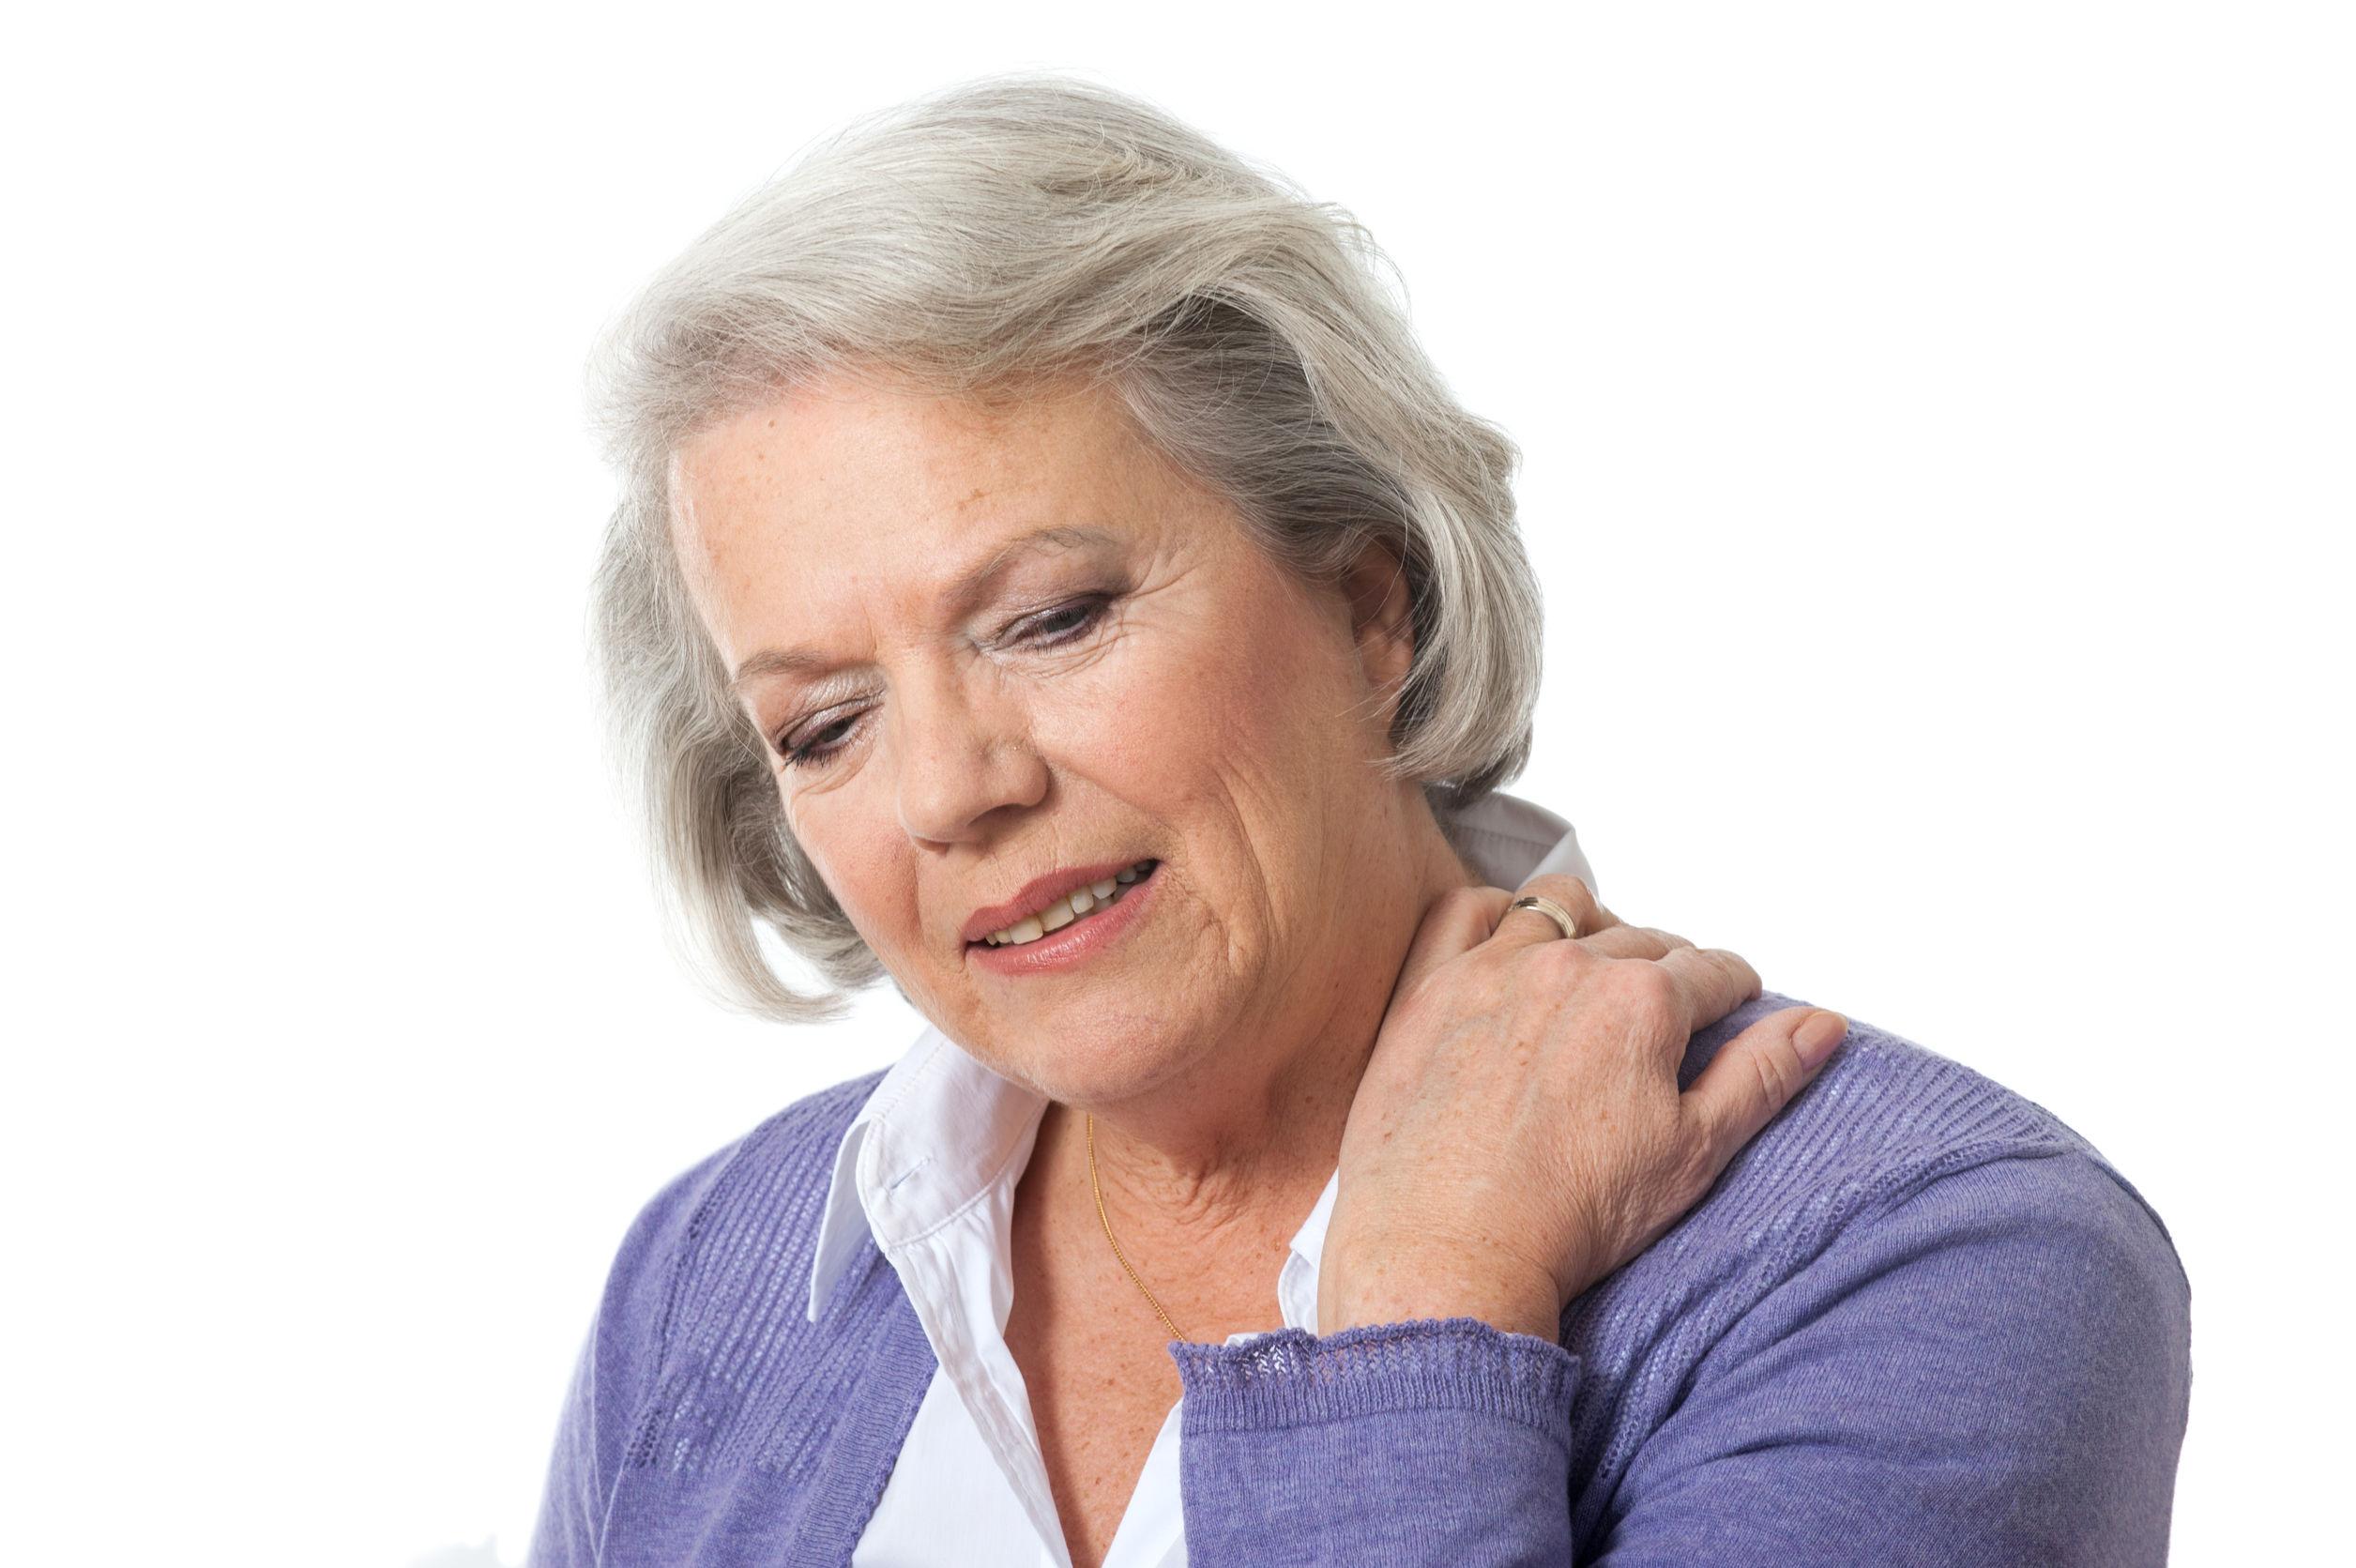 Artritis voorkomen